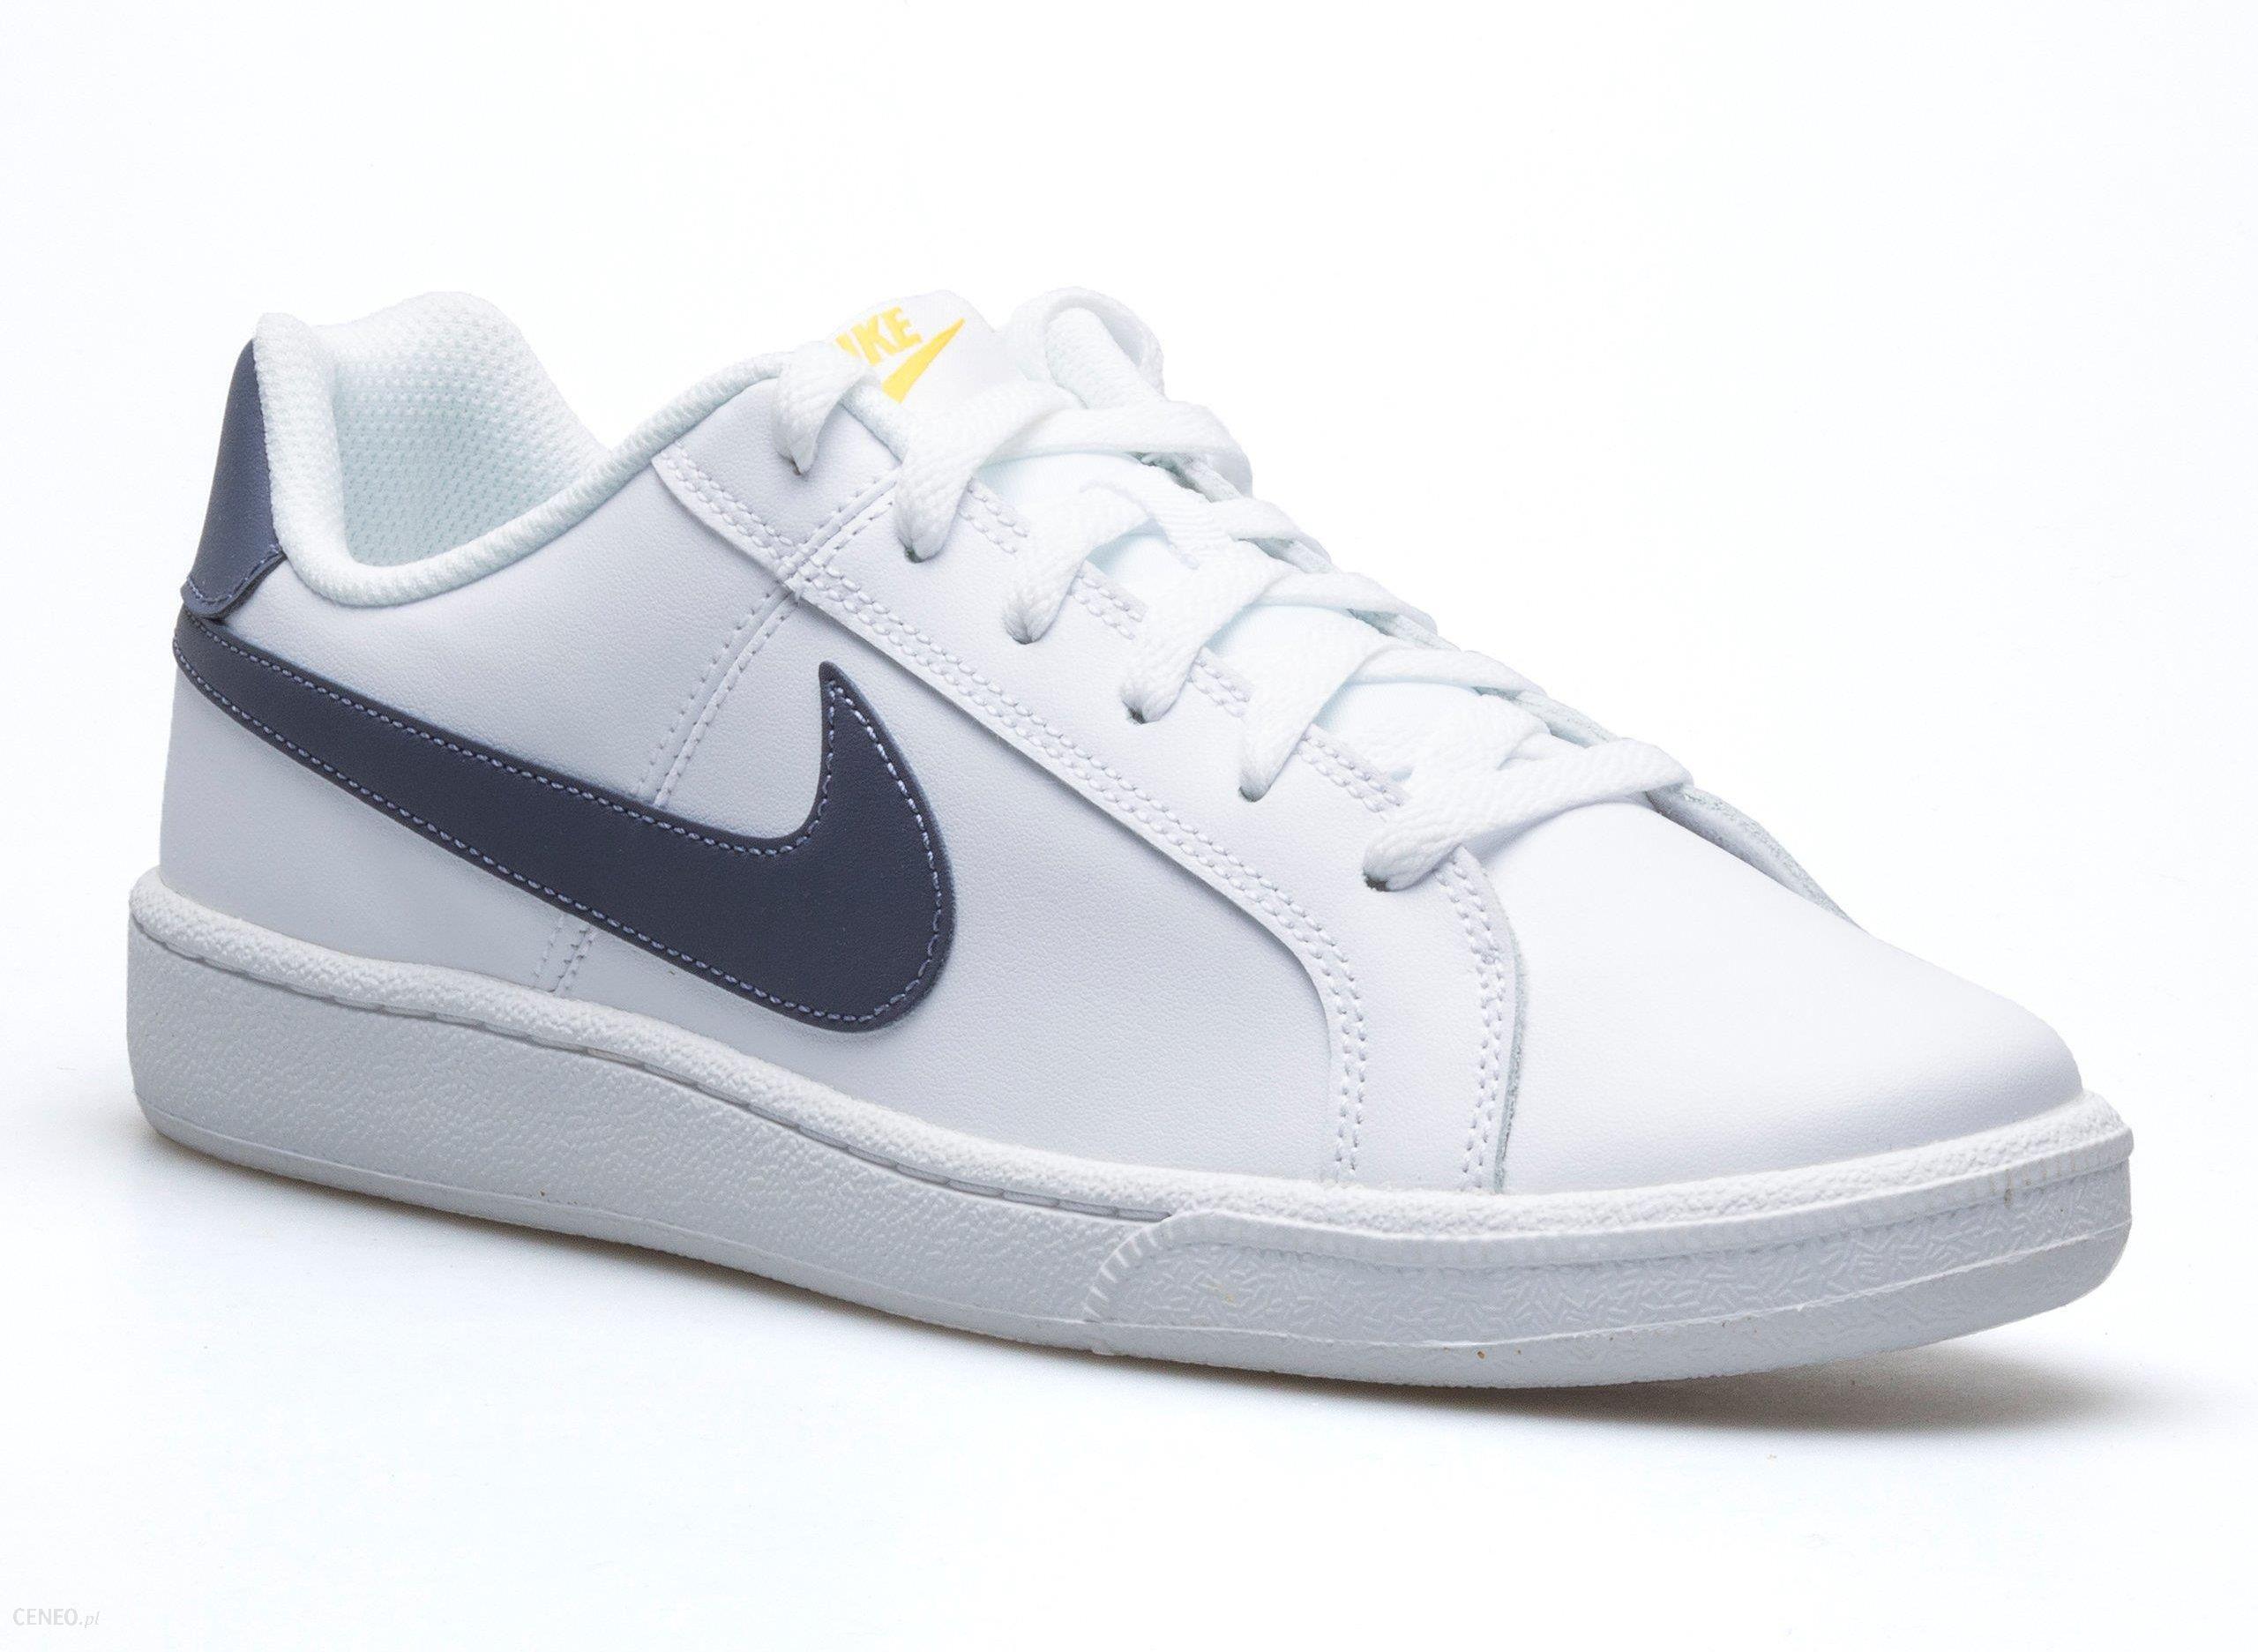 Buty Nike Court Royale 833535 105 Ceny i opinie Ceneo.pl